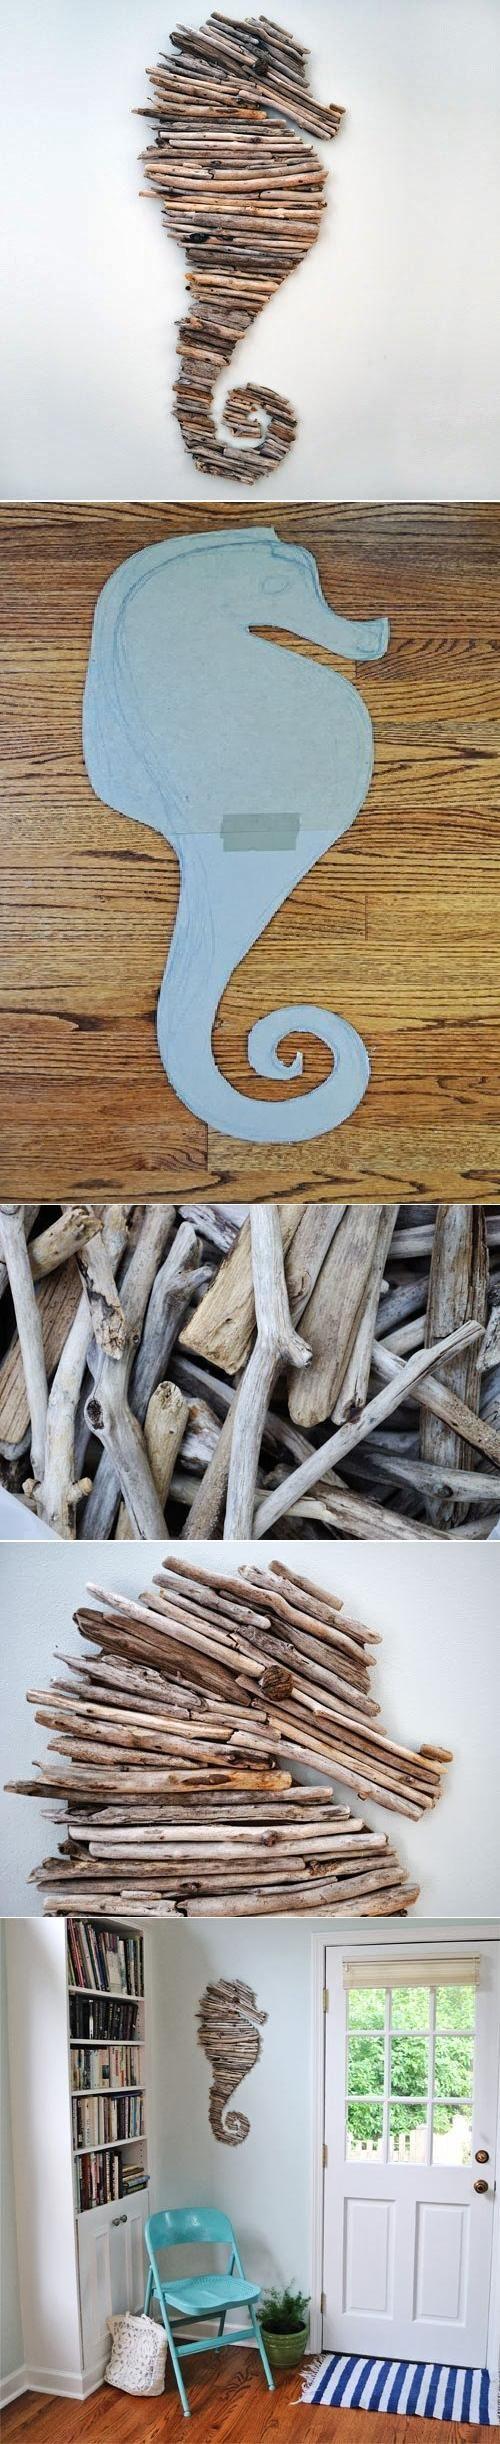 DIY Tree Branch Seahorse DIY Projects / UsefulDIY.com